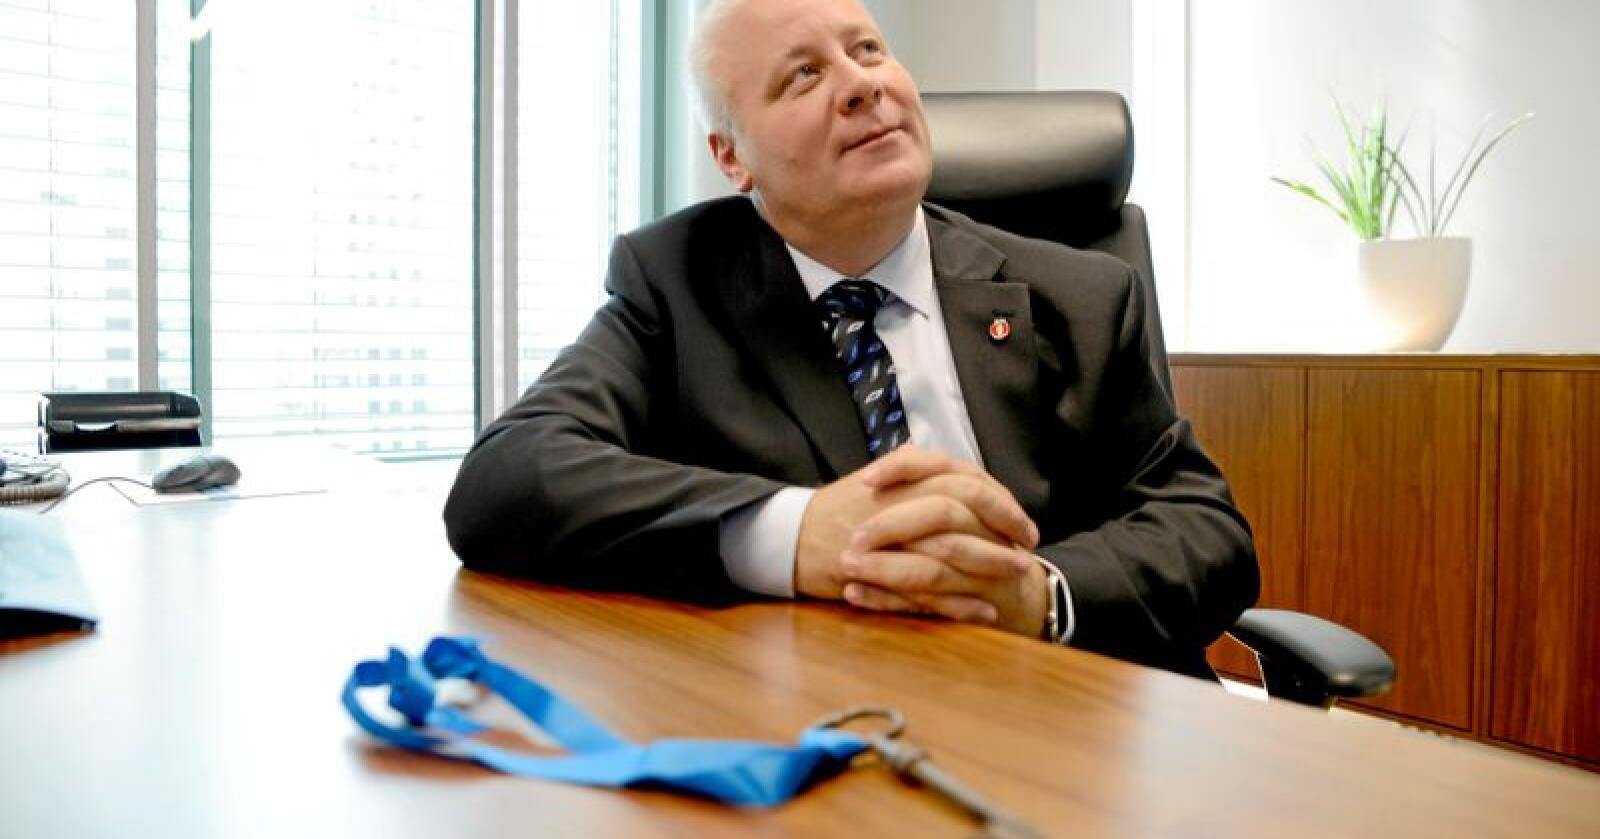 Landbruksminister Bård Hoksrud kan få en nøkkelrolle i arbeidet med å opprettholde balansen i norsk jordbruk. Foto: Mariann Tvete